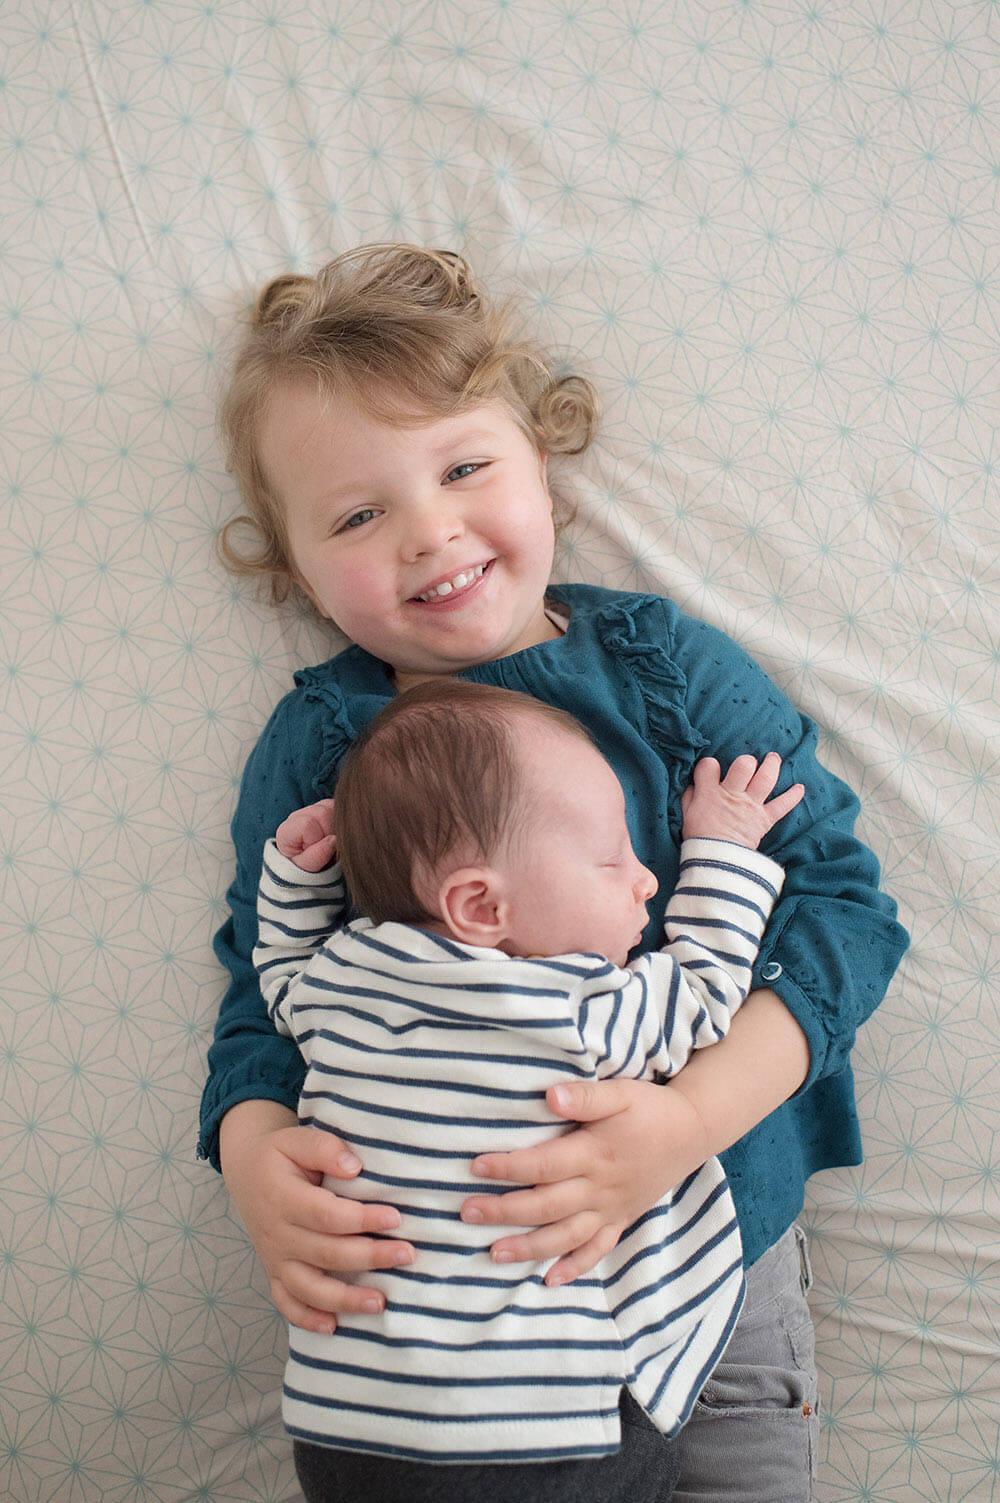 La grande sœur qui porte son petit frère sur le lit.